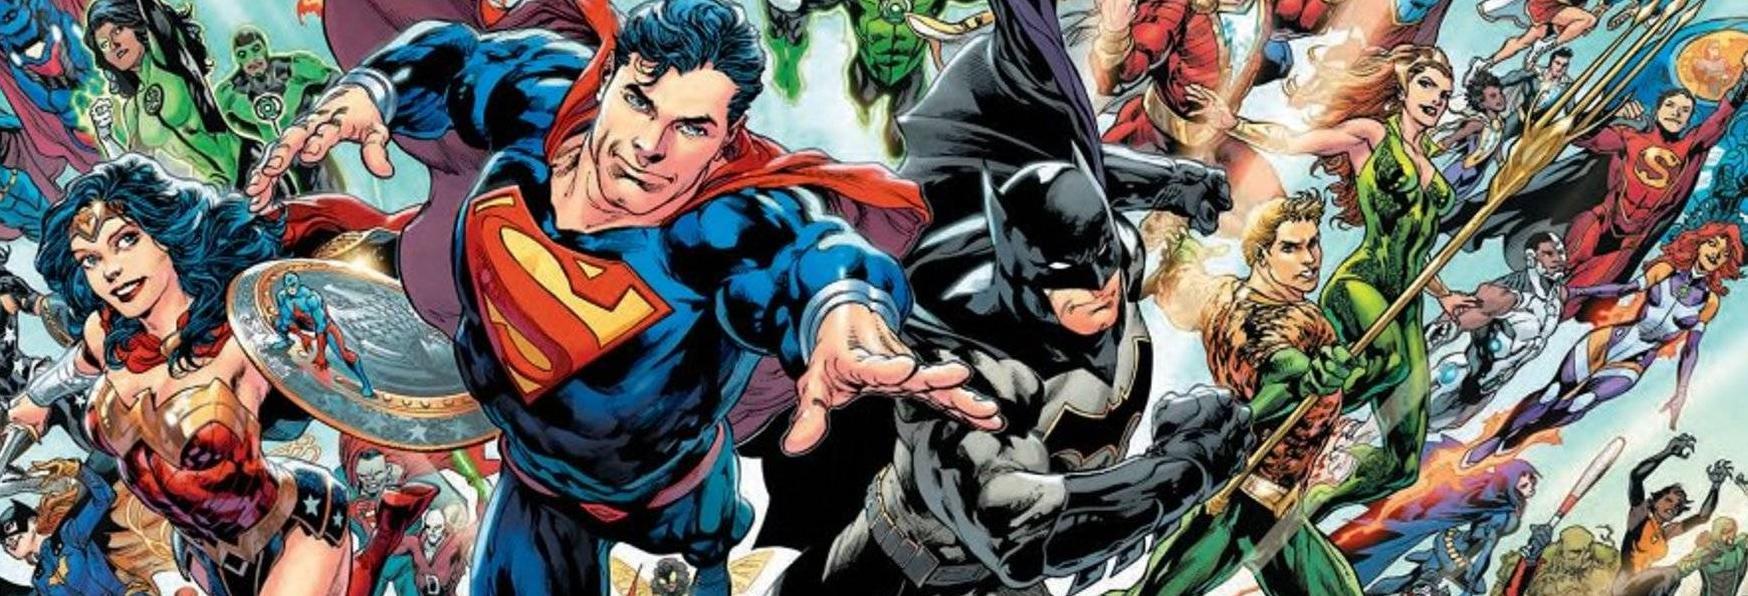 The Flash e altre Serie TV DC conterranno meno Combattimenti a causa della Pandemia da Coronavirus